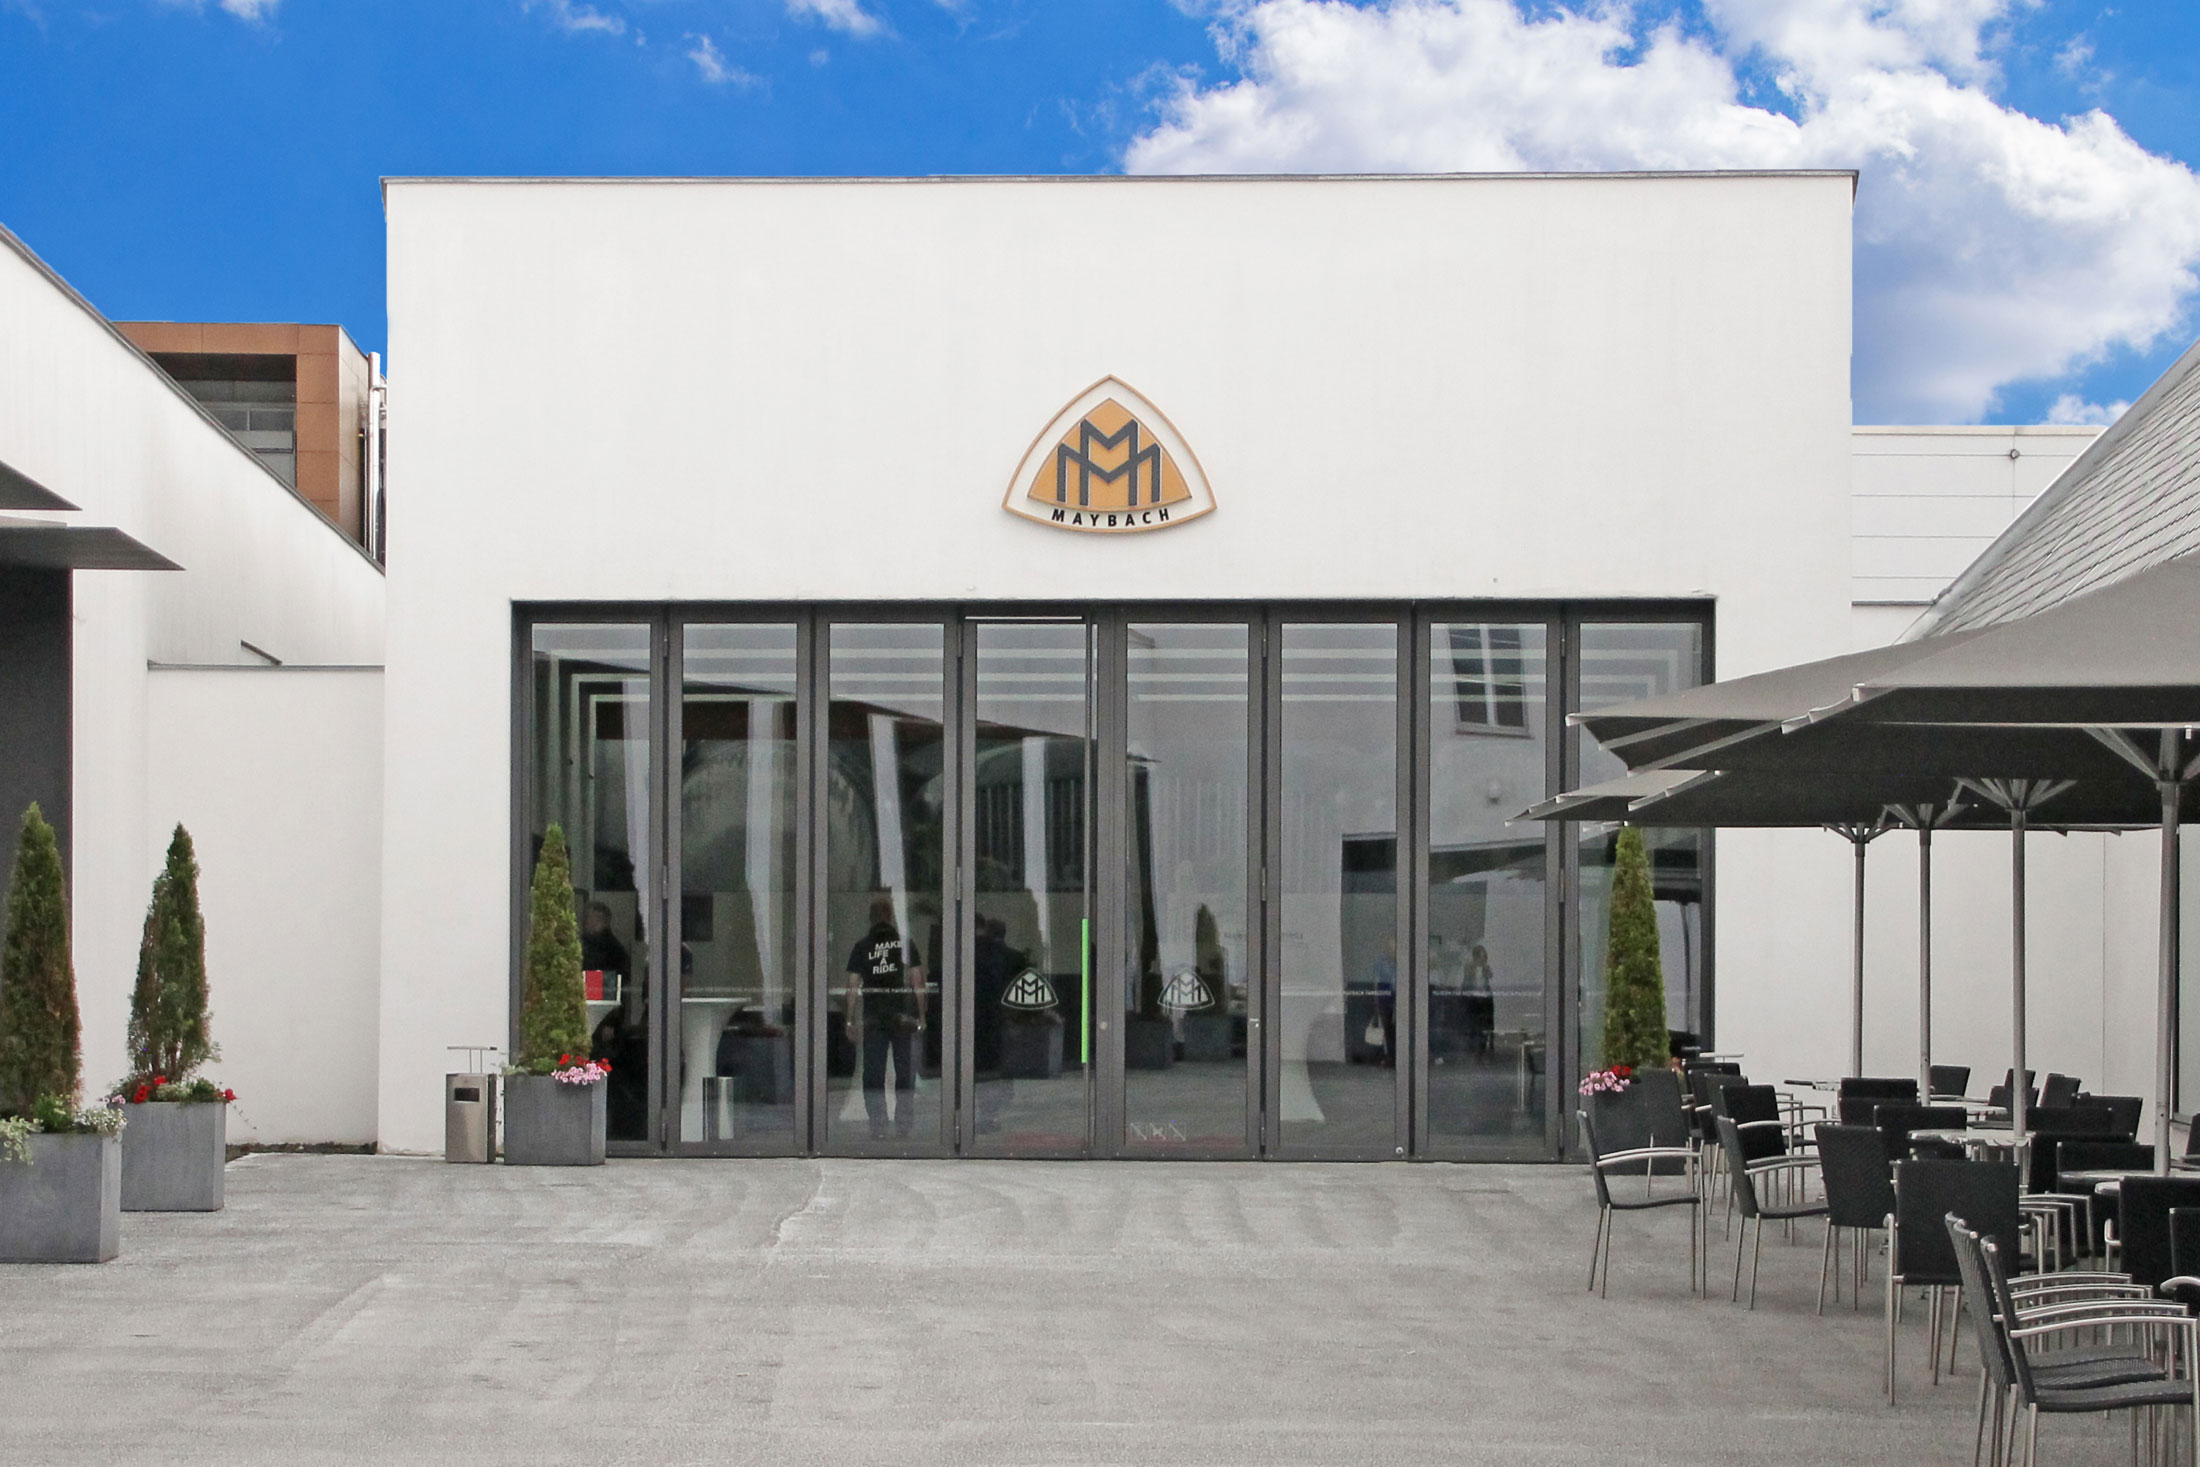 Museum für Historische Maybach Fahrzeuge in Neumarkt